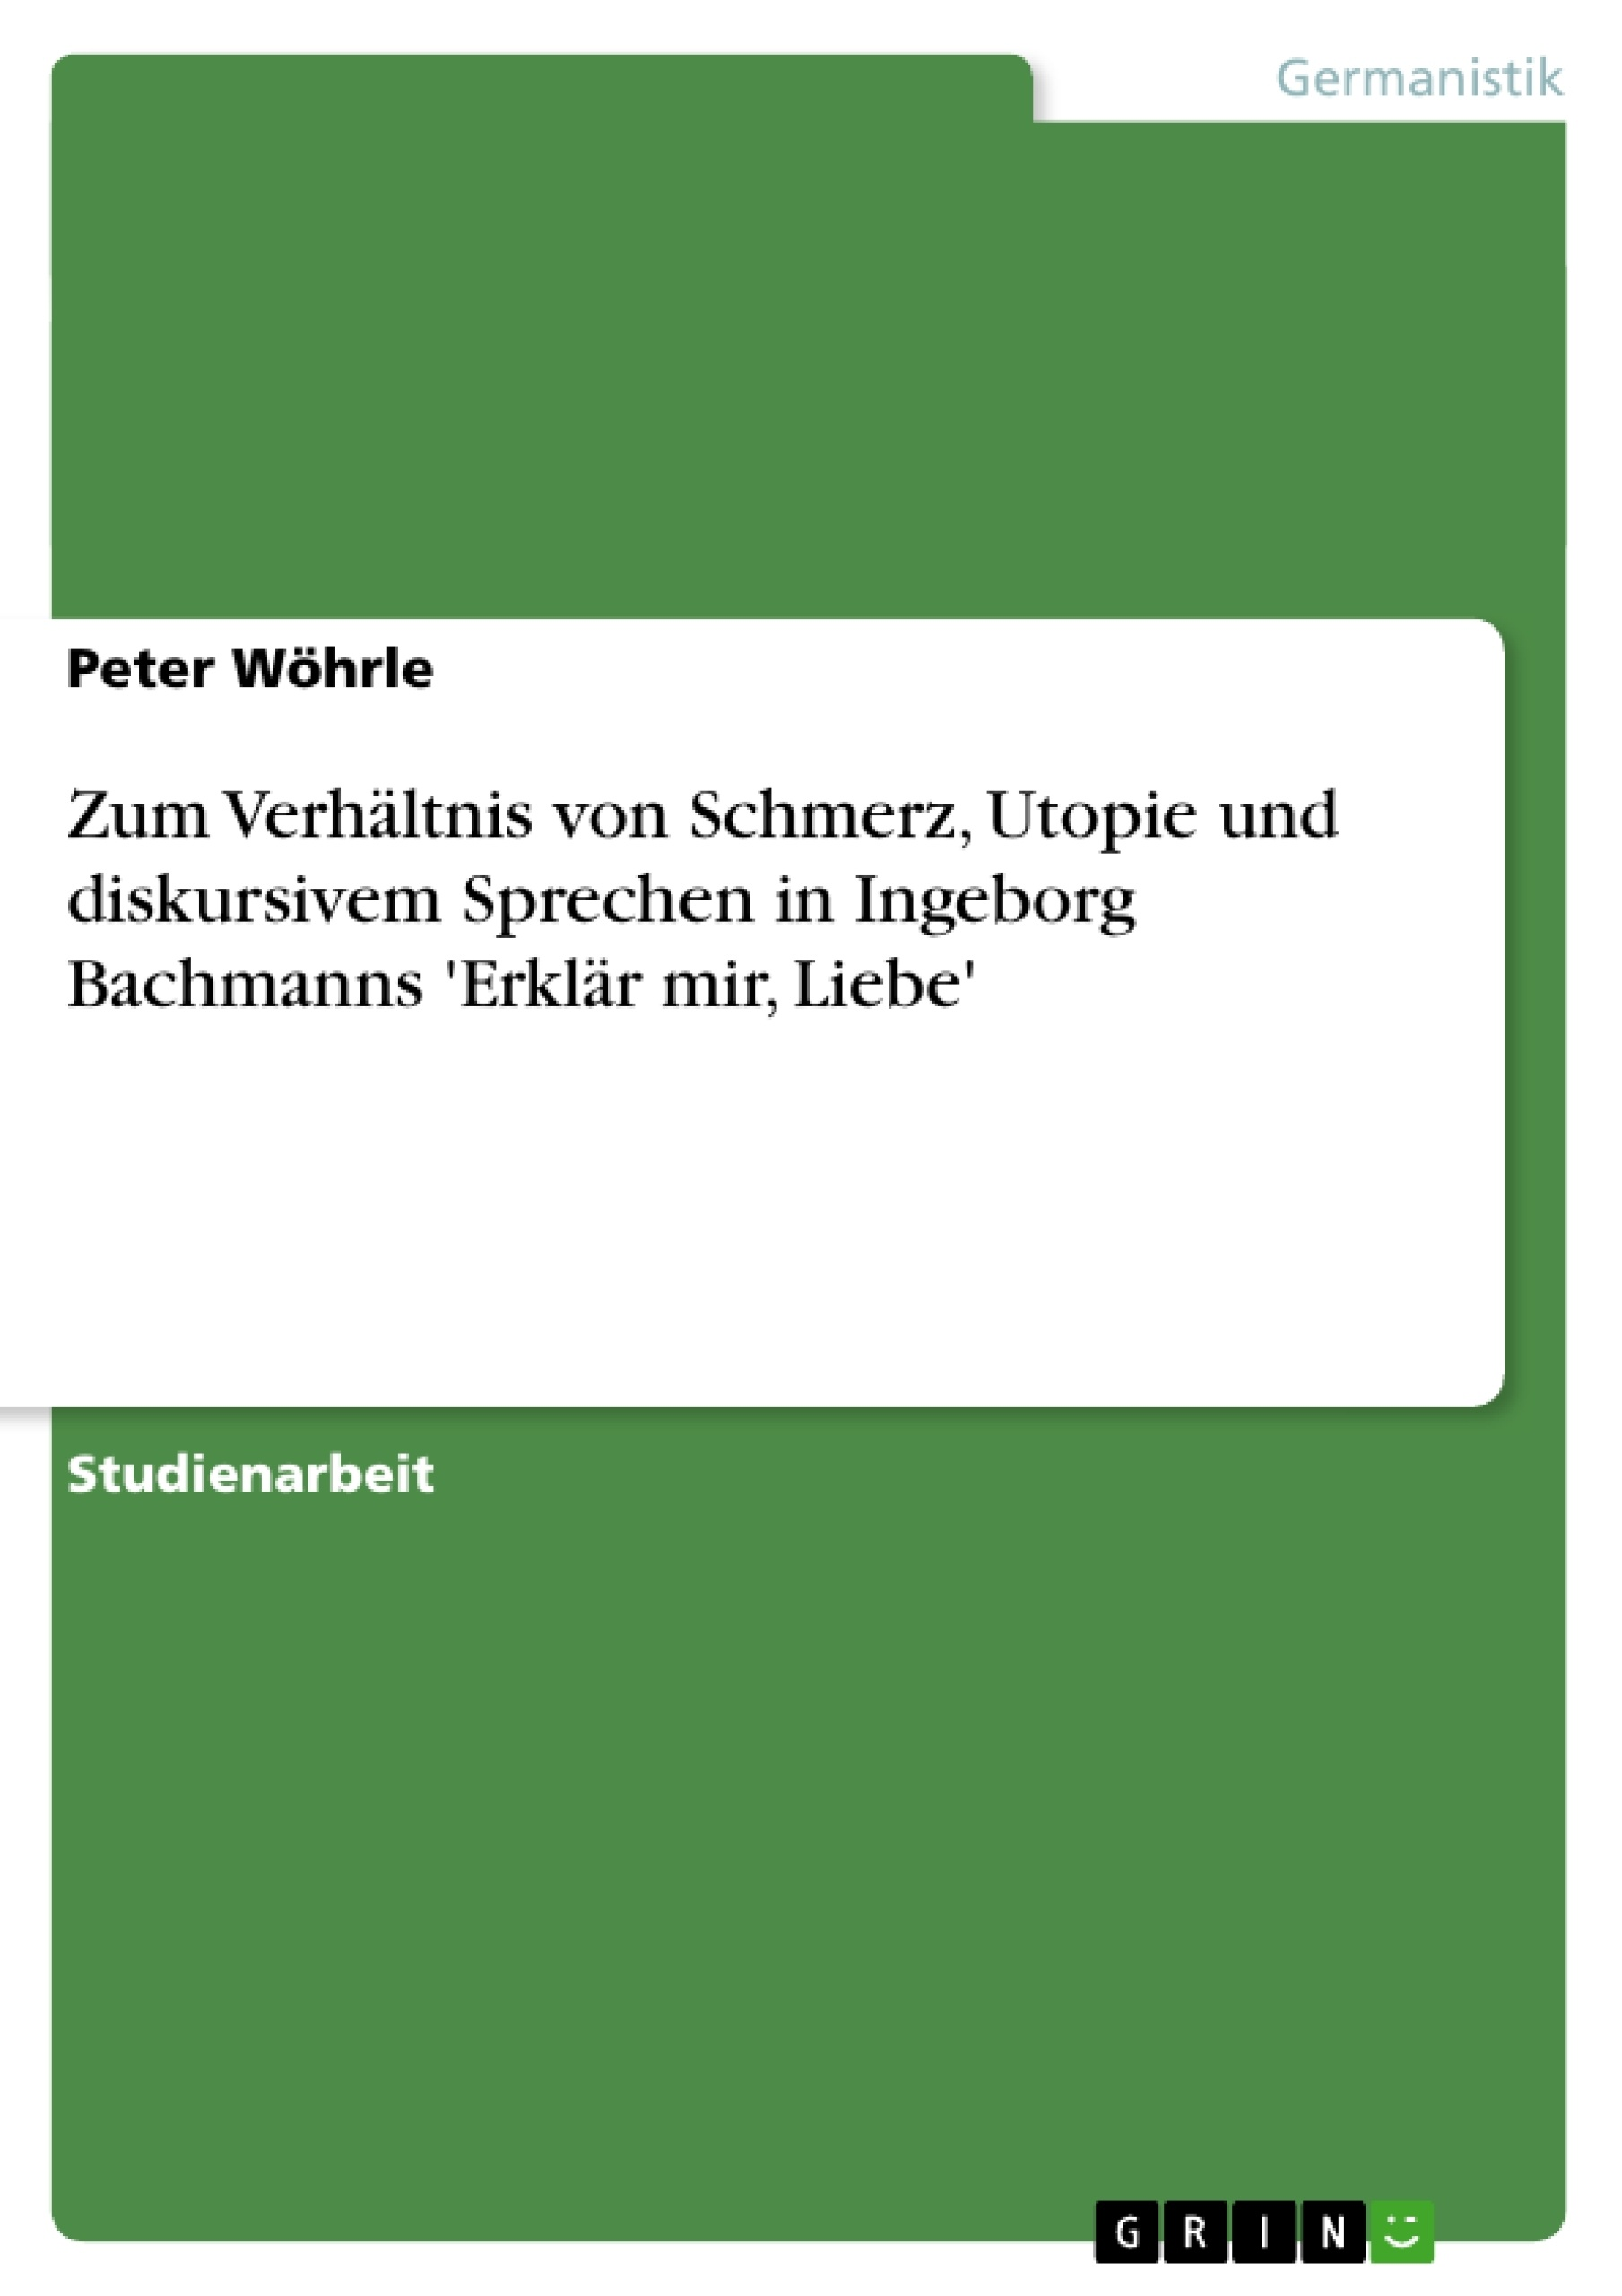 Titel: Zum Verhältnis von Schmerz, Utopie und diskursivem Sprechen in Ingeborg Bachmanns 'Erklär mir, Liebe'